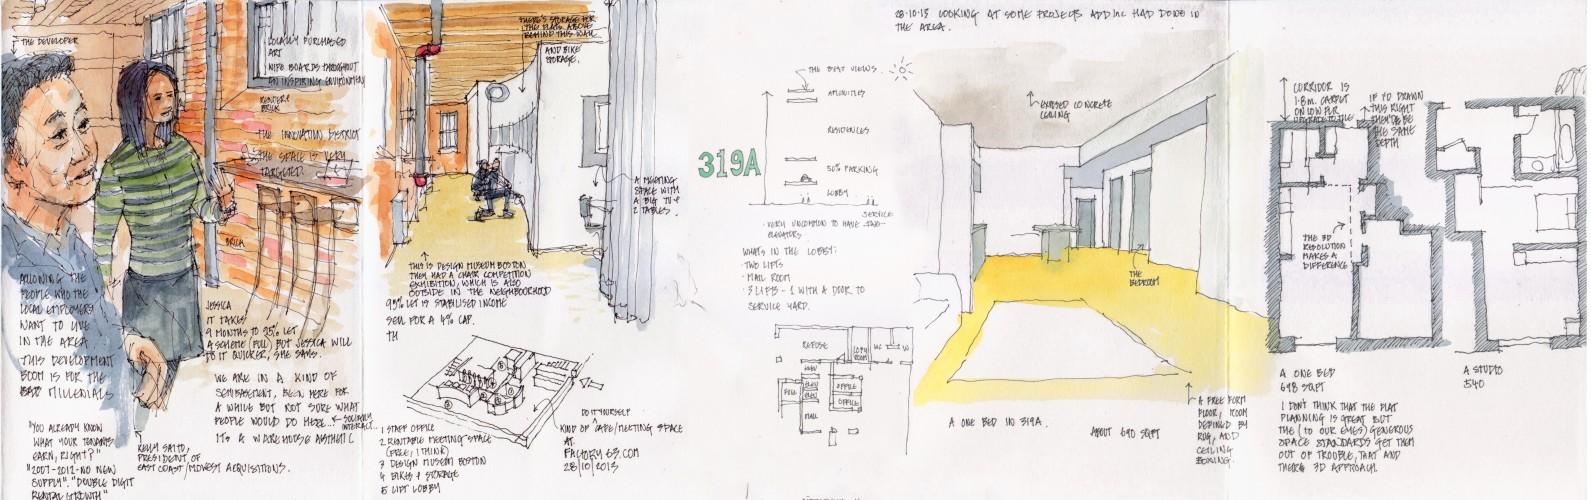 5-319A-Factory63-28 October